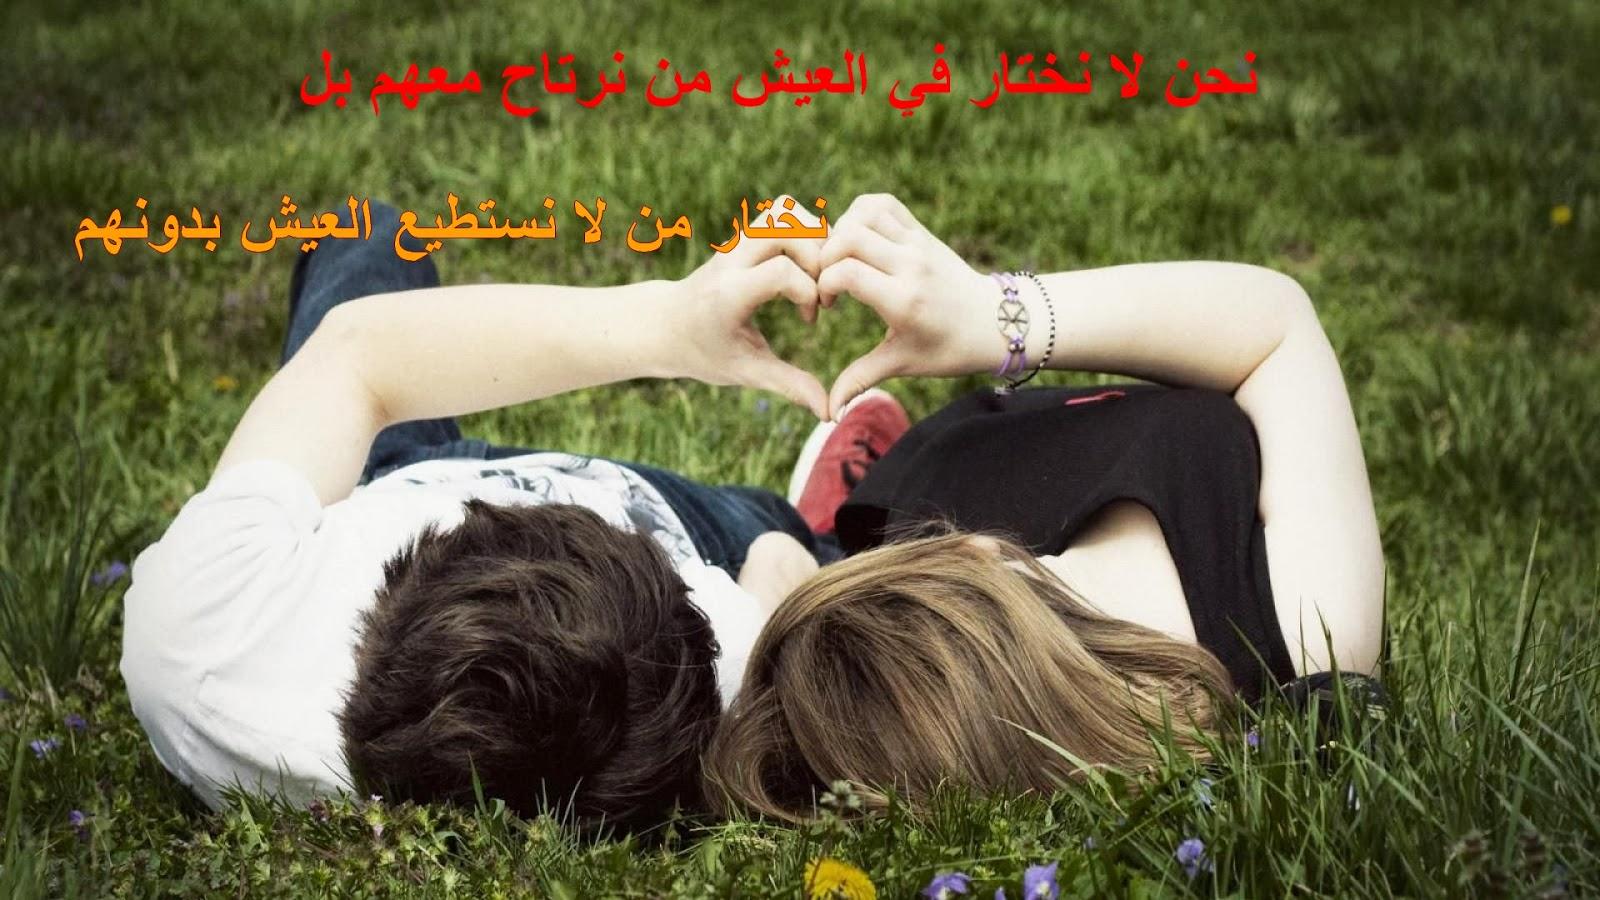 بالصور اجمل صور حب رومانسيه , بتحب الرومانسيه اليكي بعض الصور بكلمات تعبر عن عشقك 5336 1